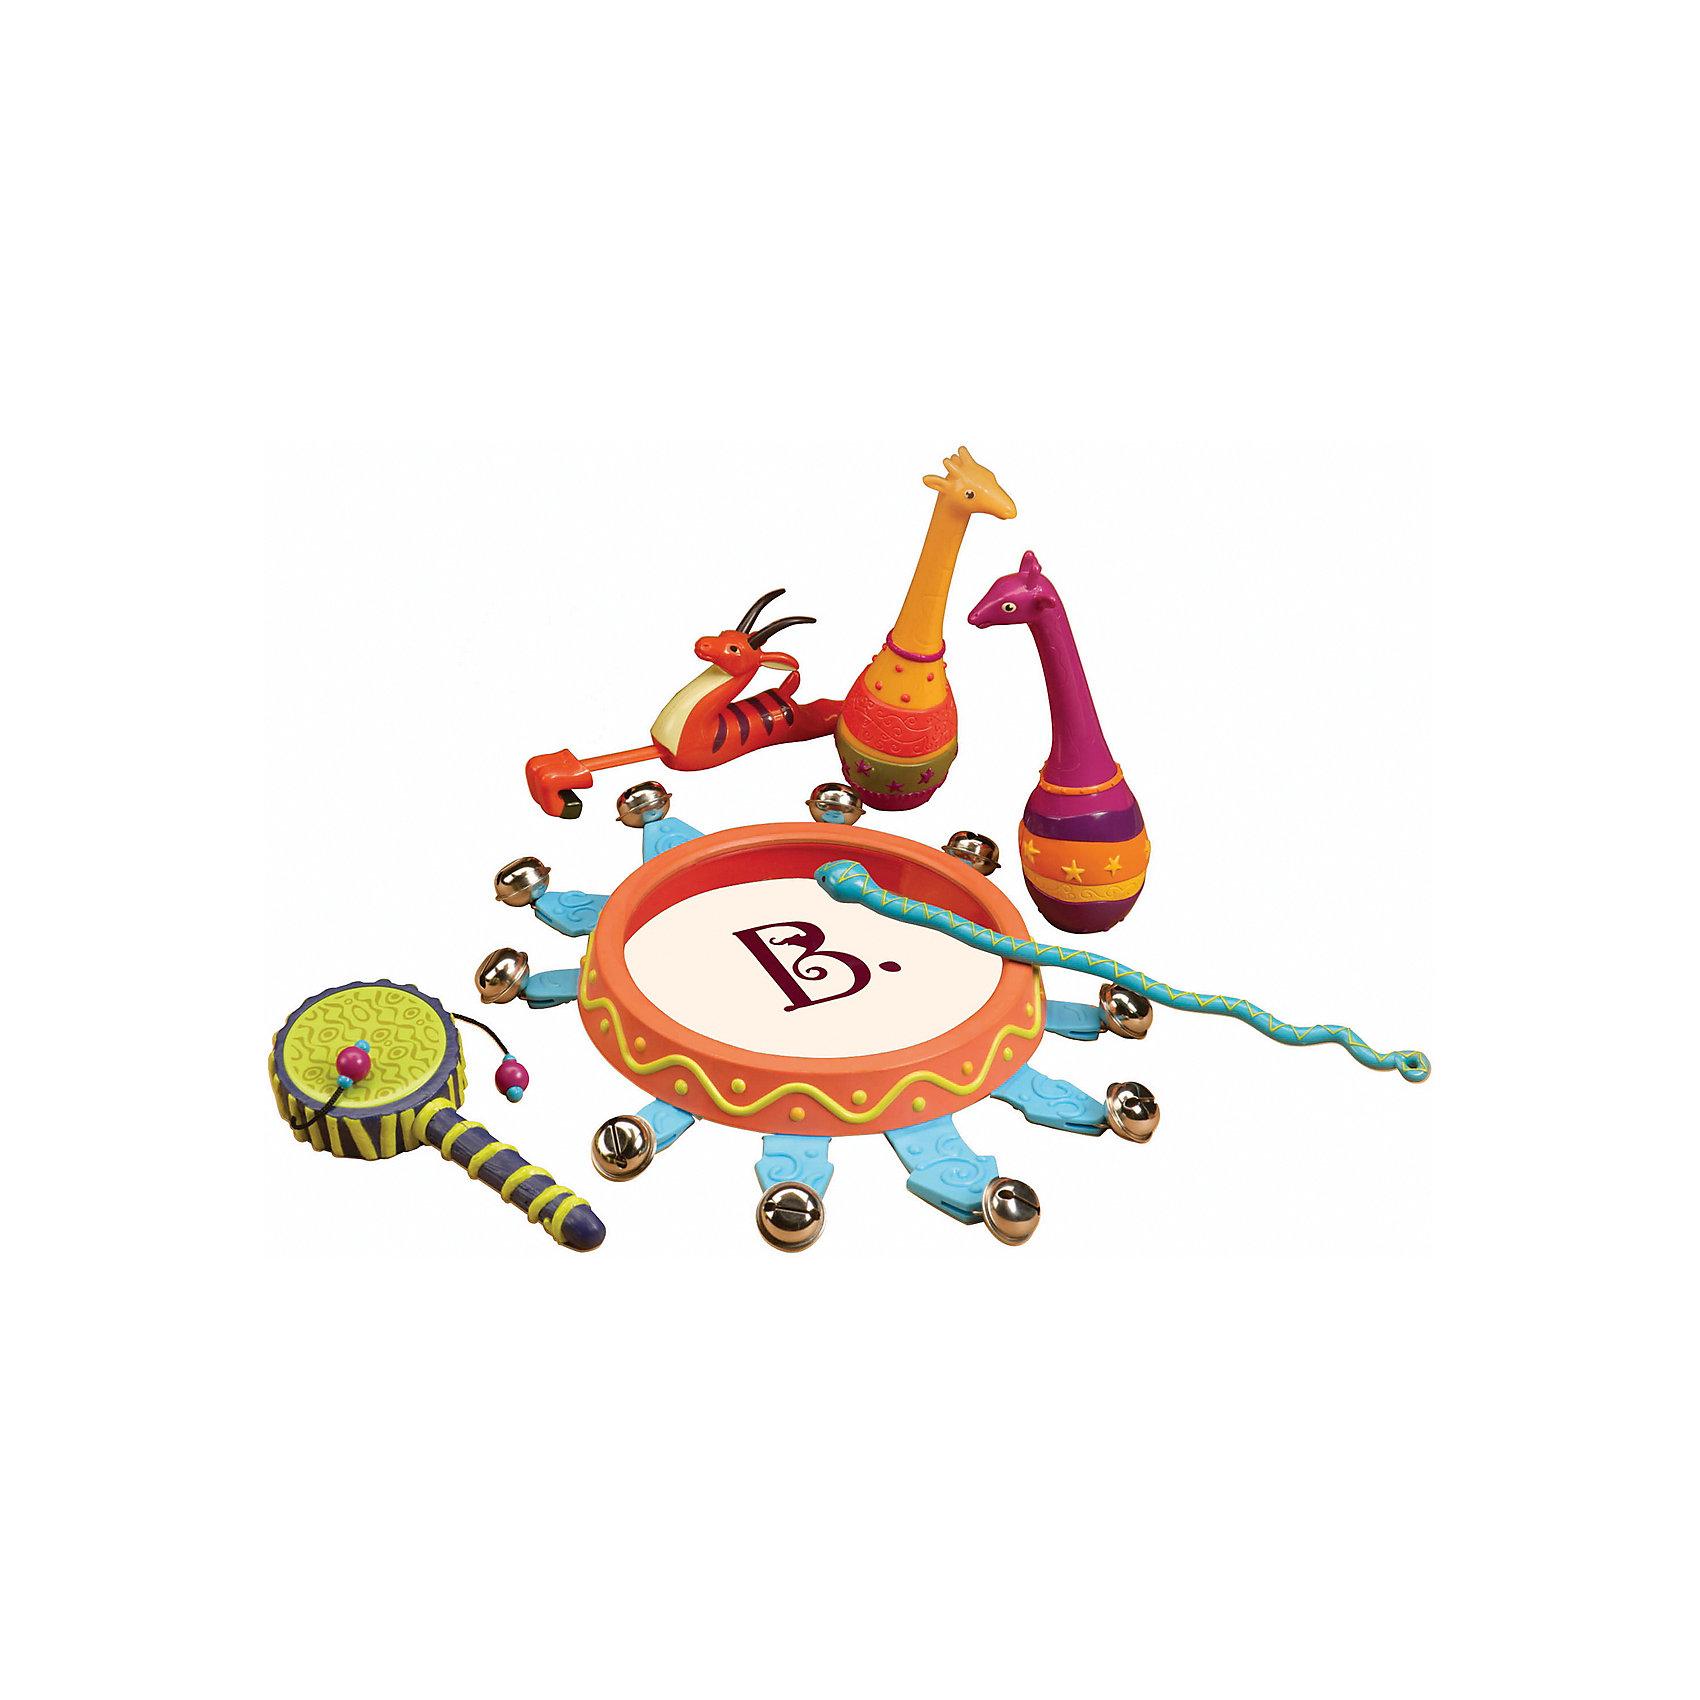 Набор погремушек Мелодия джунглей, B DOTПогремушки<br>Набор погремушек Мелодия джунглей, B DOT (Би Дот) из серии музыкальных инструментов от канадского торгового бренда B DOT. Набор выполнен из экологичсеки безопасного пластика, окрашенного в яркие цвета, предназначен для детей от 2-х лет. <br>Набор погремушек Мелодия джунглей, B DOT (Би Дот) состоит из струнных, ударных, клавишных и духовых инструментов. Всего их в комплекте 13. Все инструменты выполнены в форме животных джунглей. Данный набор позволит познакомиться ребенку с различными видами инструментов и научит различать их звучание.<br>Набор погремушек Мелодия джунглей, B DOT (Би Дот) способствует формированию музыкального слуха и чувства ритма, развивает координацию движений и слуховое восприятие у ребенка.<br><br>Дополнительная информация:<br><br>- Вид игр: развивающие<br>- Предназначение: для дома, для детского сада<br>- Материал: пластик<br>- Комплектация: кото, кларнет, скрипка, флейта, туба, пианино, труба,  барабаны, кслофон, тарелки, аккордеон, гитара и ситар, картонная упаковка с пластиковой ручкой. <br>- Размеры (Д*Ш*В): 35,5*9*28 см<br>- Вес всего набора: 900 г<br>- Пол: для мальчиков/для девочек<br>- Особенности ухода: можно мыть в теплой мыльной воде<br><br>Подробнее:<br><br>• Для детей в возрасте: от 2 лет <br>• Страна производитель: Китай<br>• Торговый бренд: B DOT<br><br>Набор погремушек Мелодия джунглей, B DOT (Би Дот)  можно купить в нашем интернет-магазине.<br><br>Ширина мм: 35<br>Глубина мм: 28<br>Высота мм: 9<br>Вес г: 900<br>Возраст от месяцев: 24<br>Возраст до месяцев: 2147483647<br>Пол: Унисекс<br>Возраст: Детский<br>SKU: 4871805